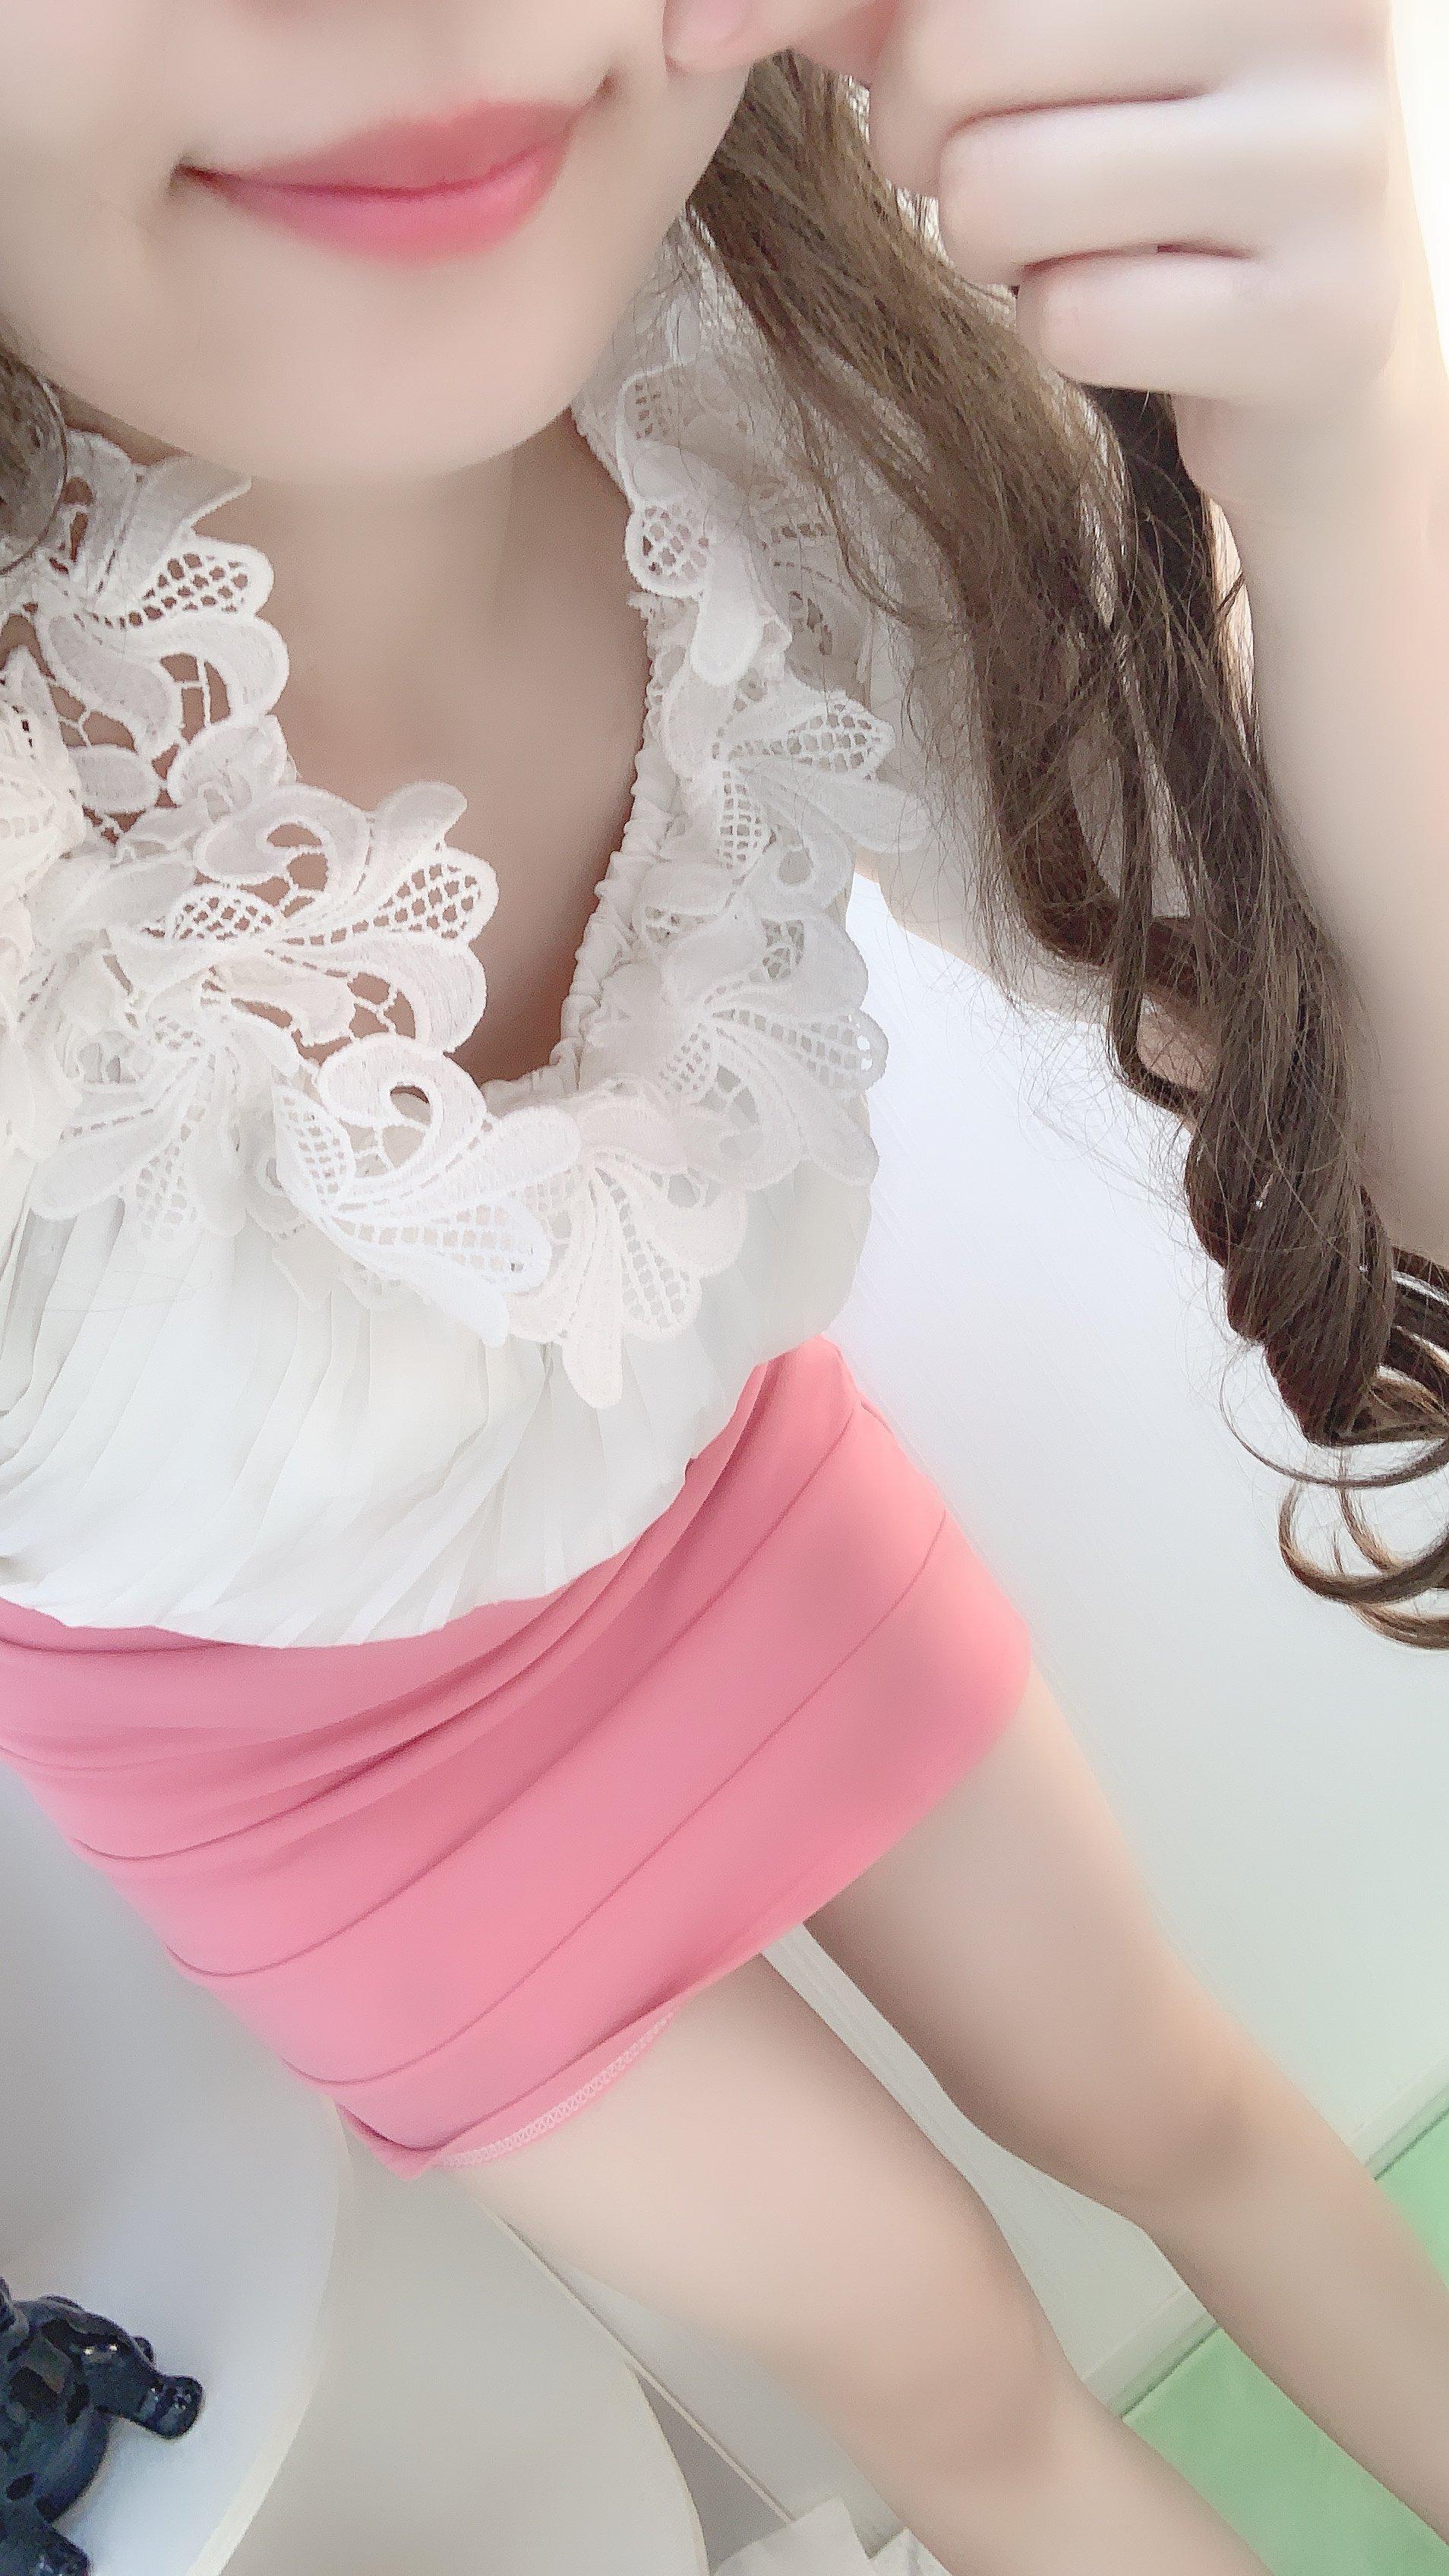 今日は、ピンクのタイトなスカート実は昨日ショートの気分だっ…